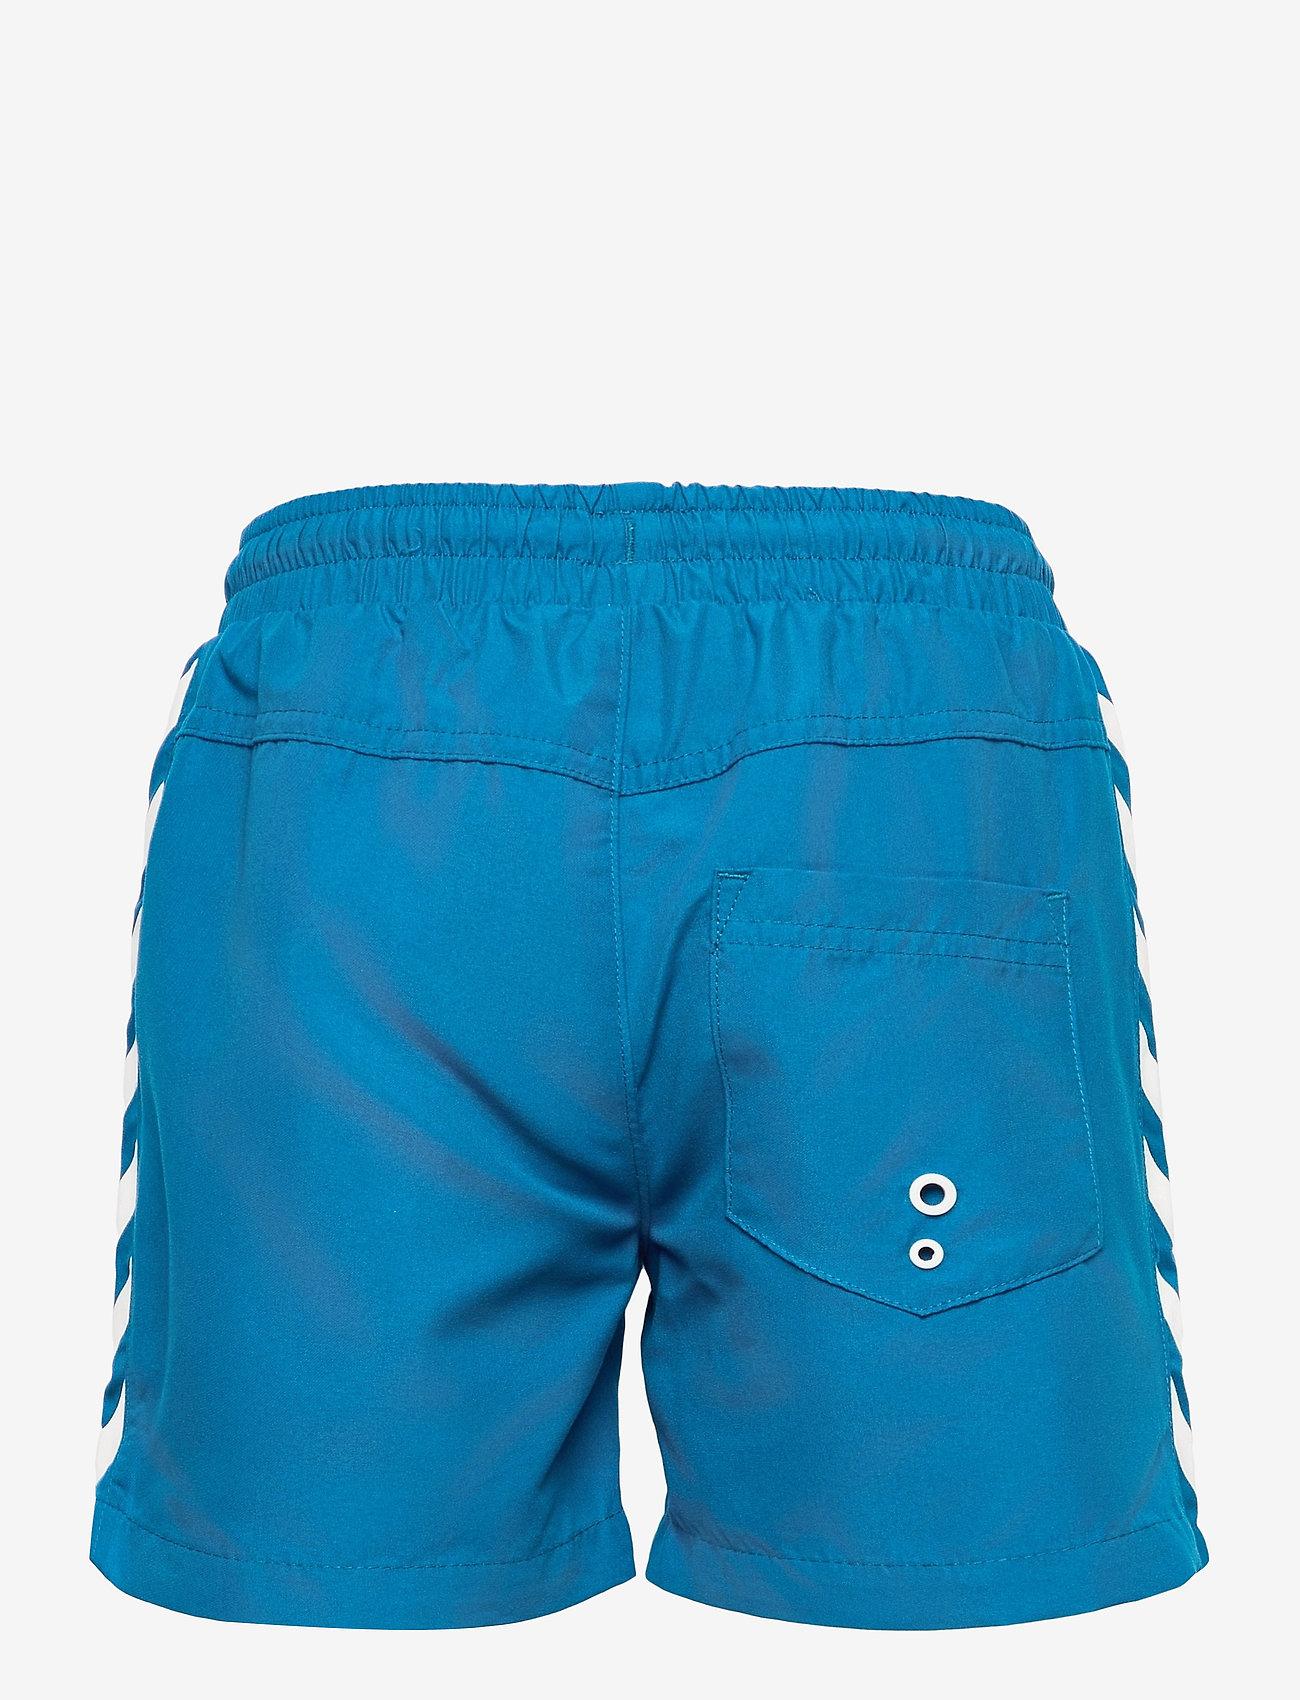 Hummel - hmlDELTA BOARD SHORTS - bademode - mykonos blue - 1